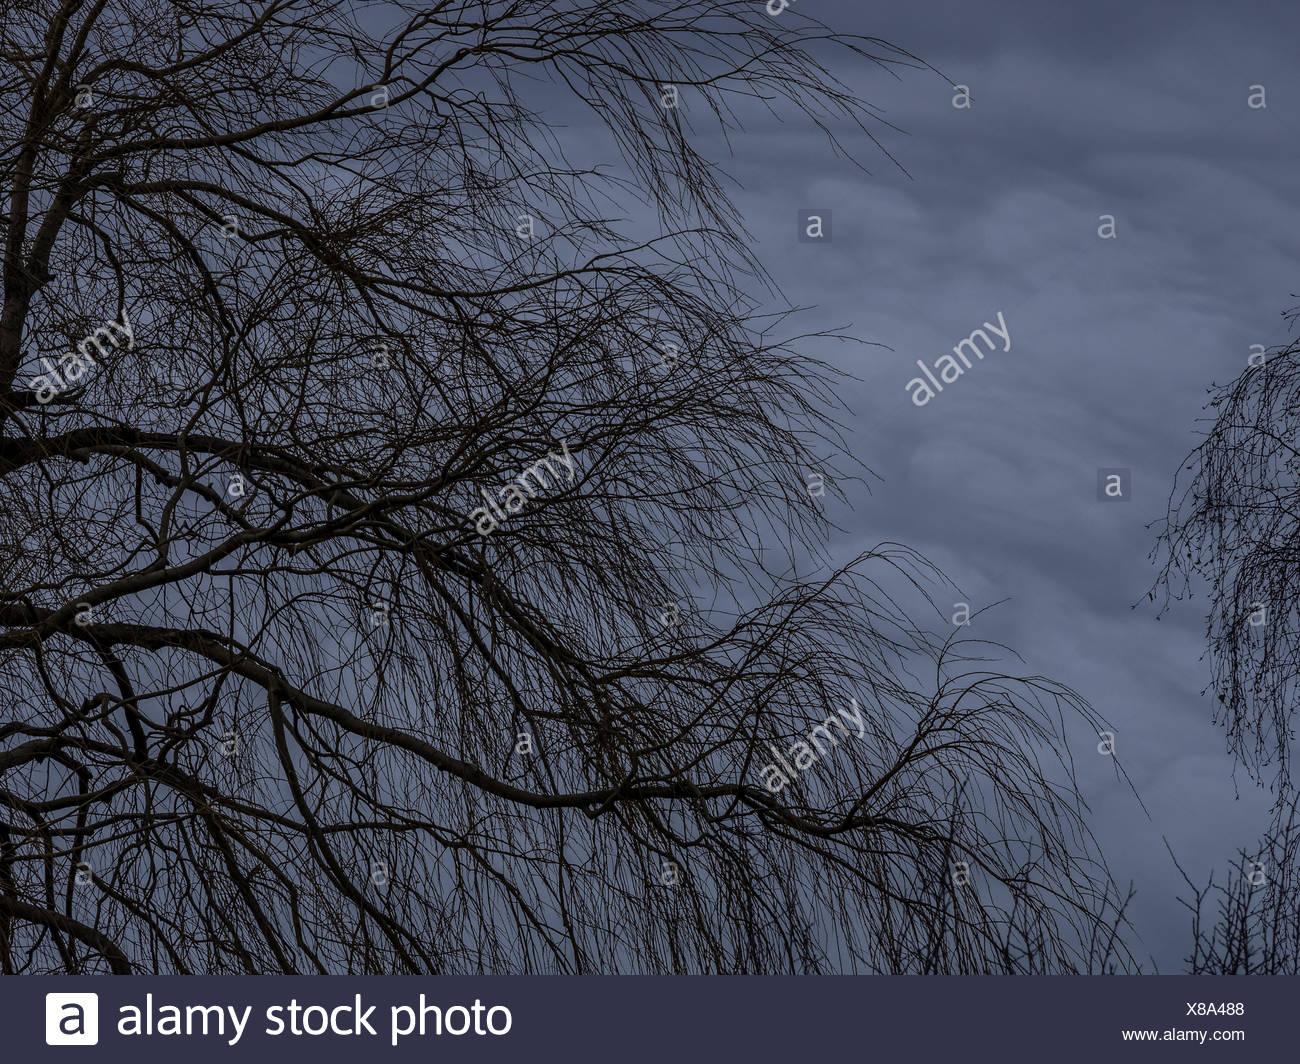 Leafless tree - Stock Image